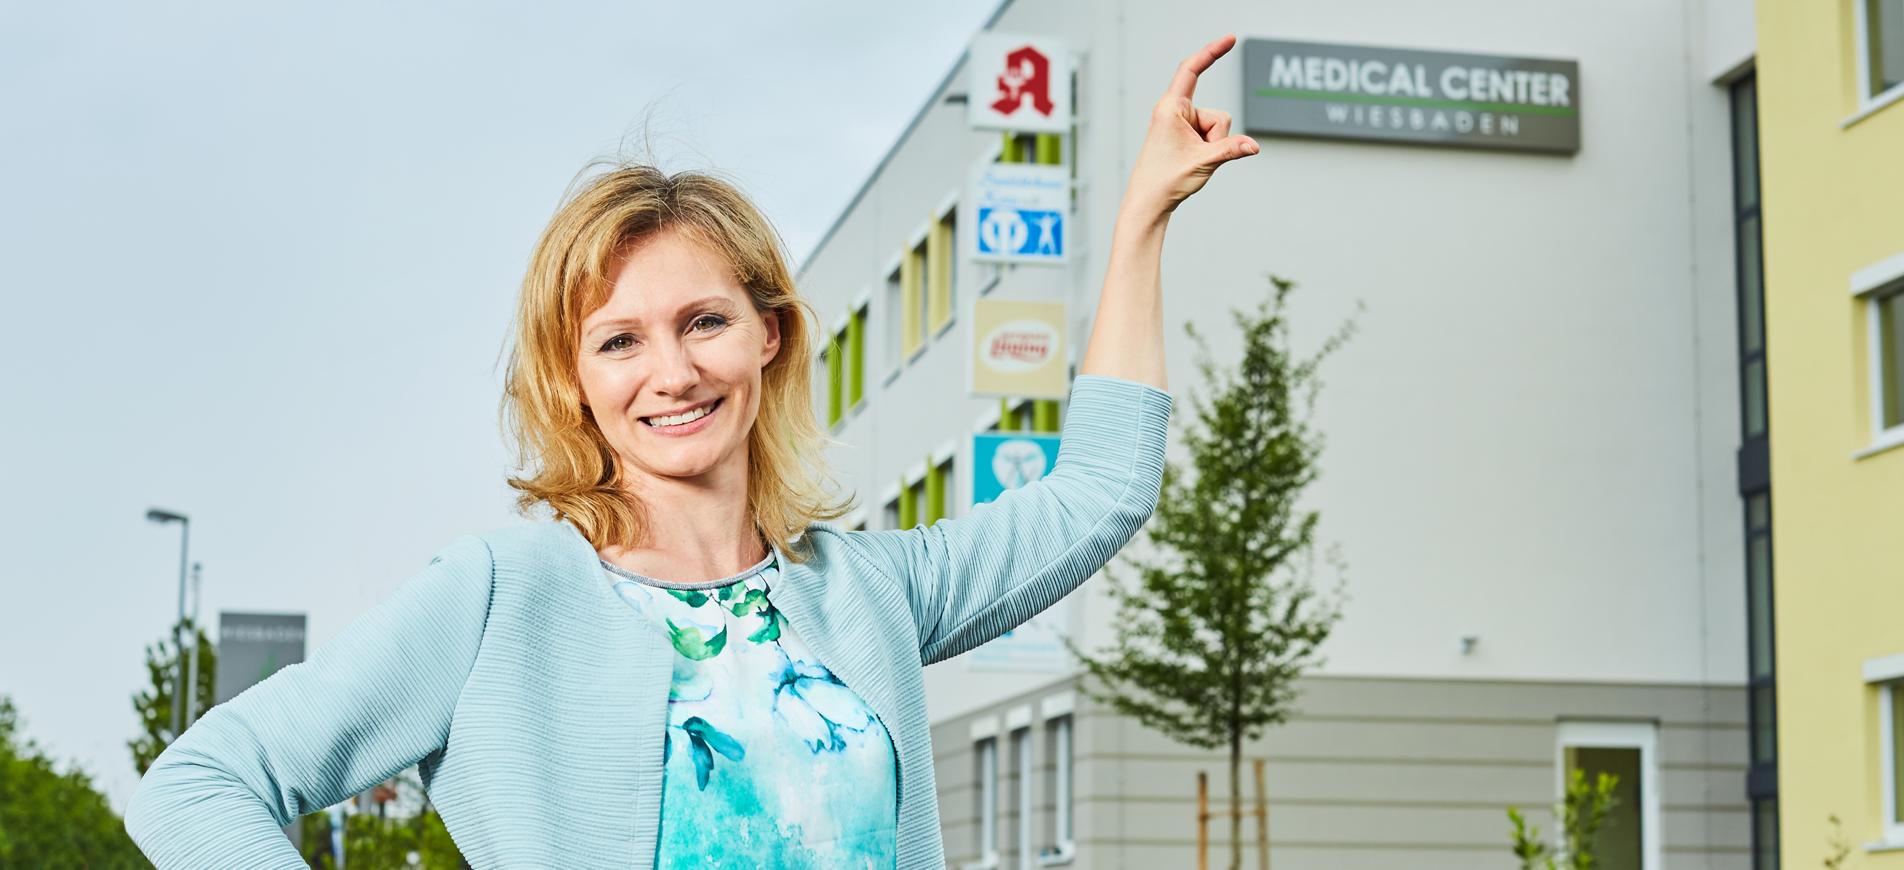 Medical Center Wiesbaden - Datenschutzerklärung 1